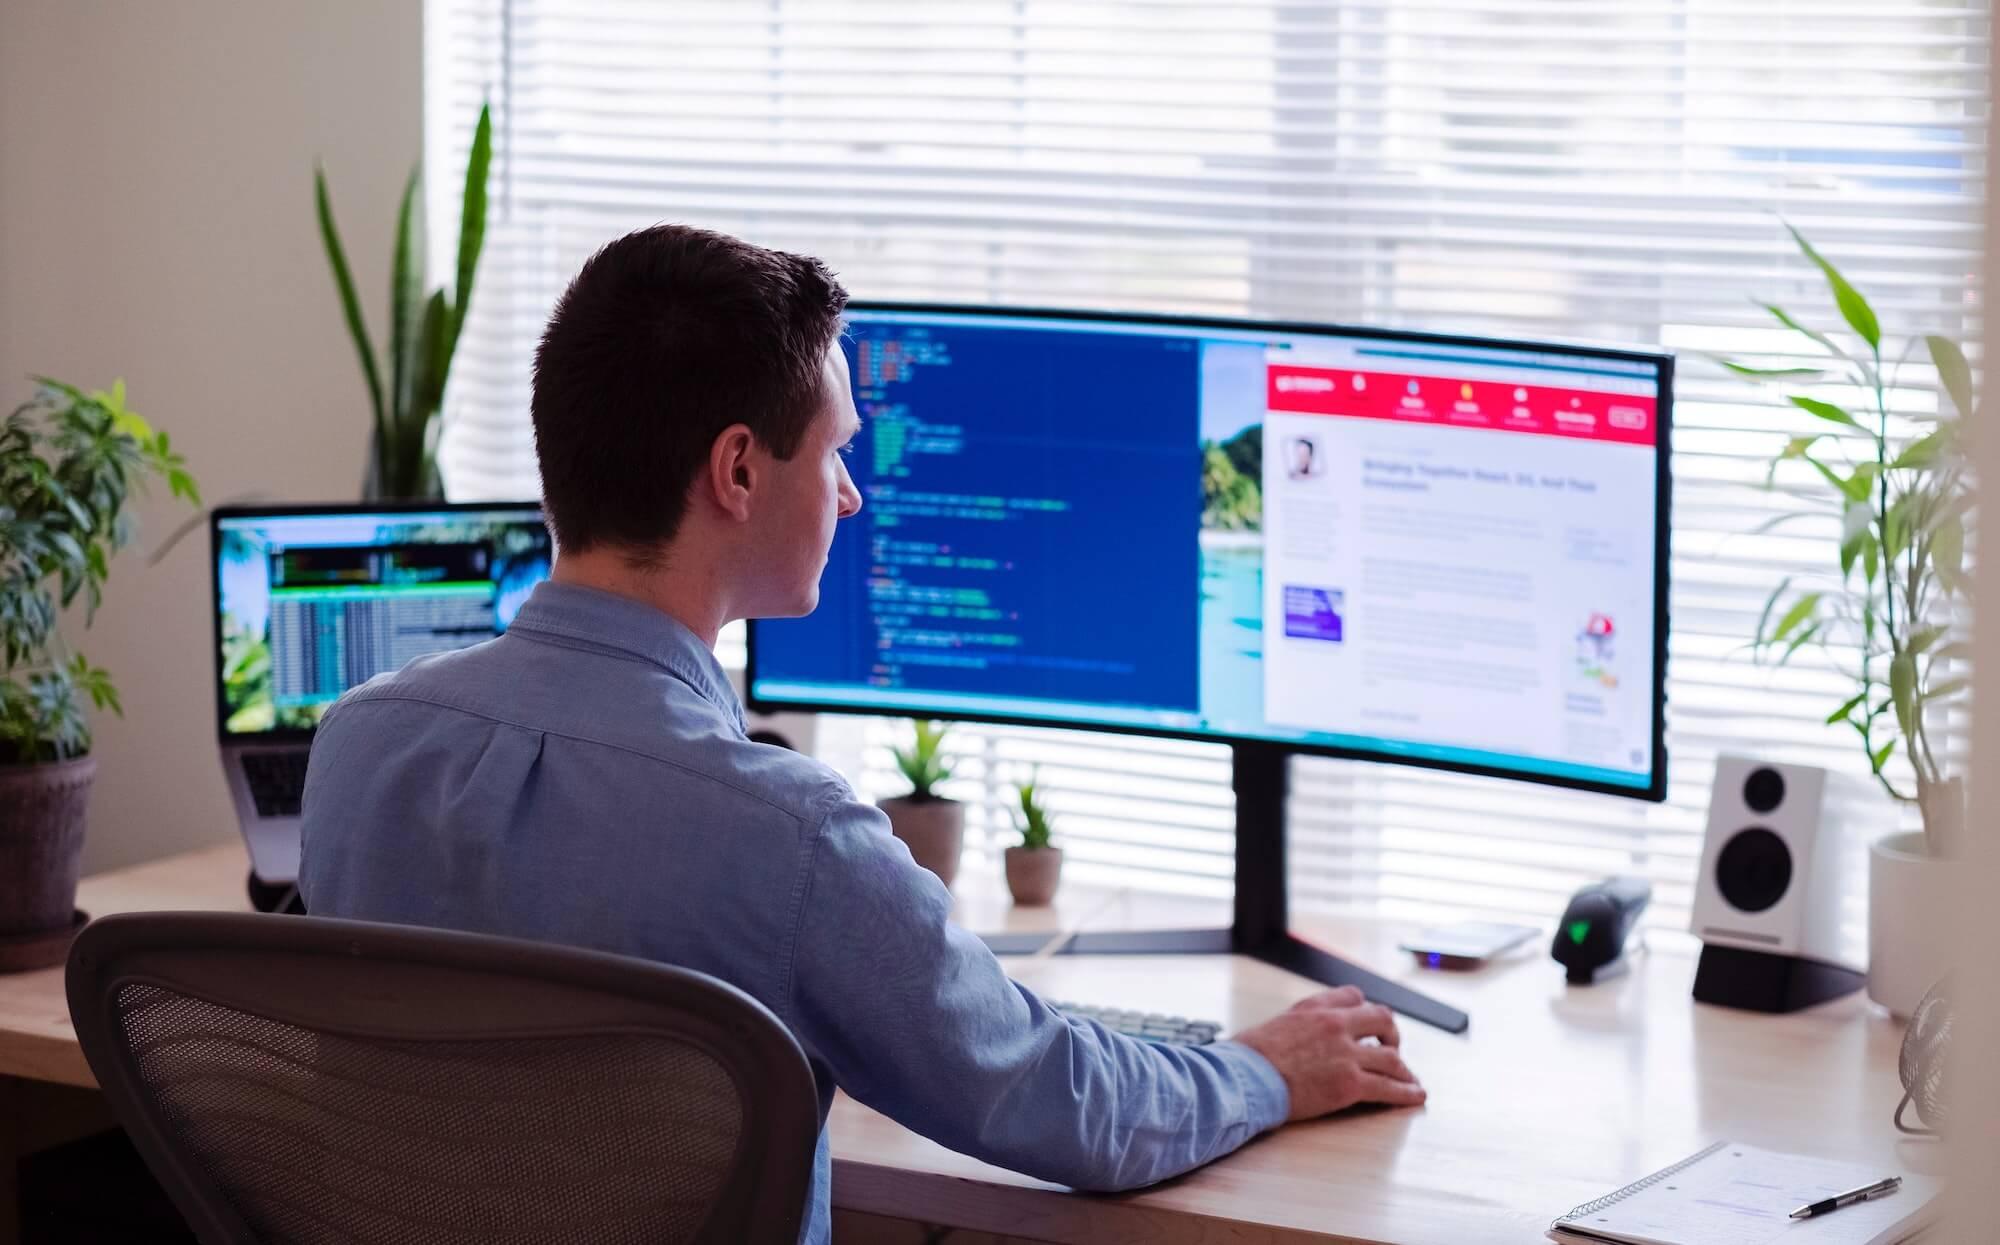 Développeur web pour optimiser le référencement SEO d'un site